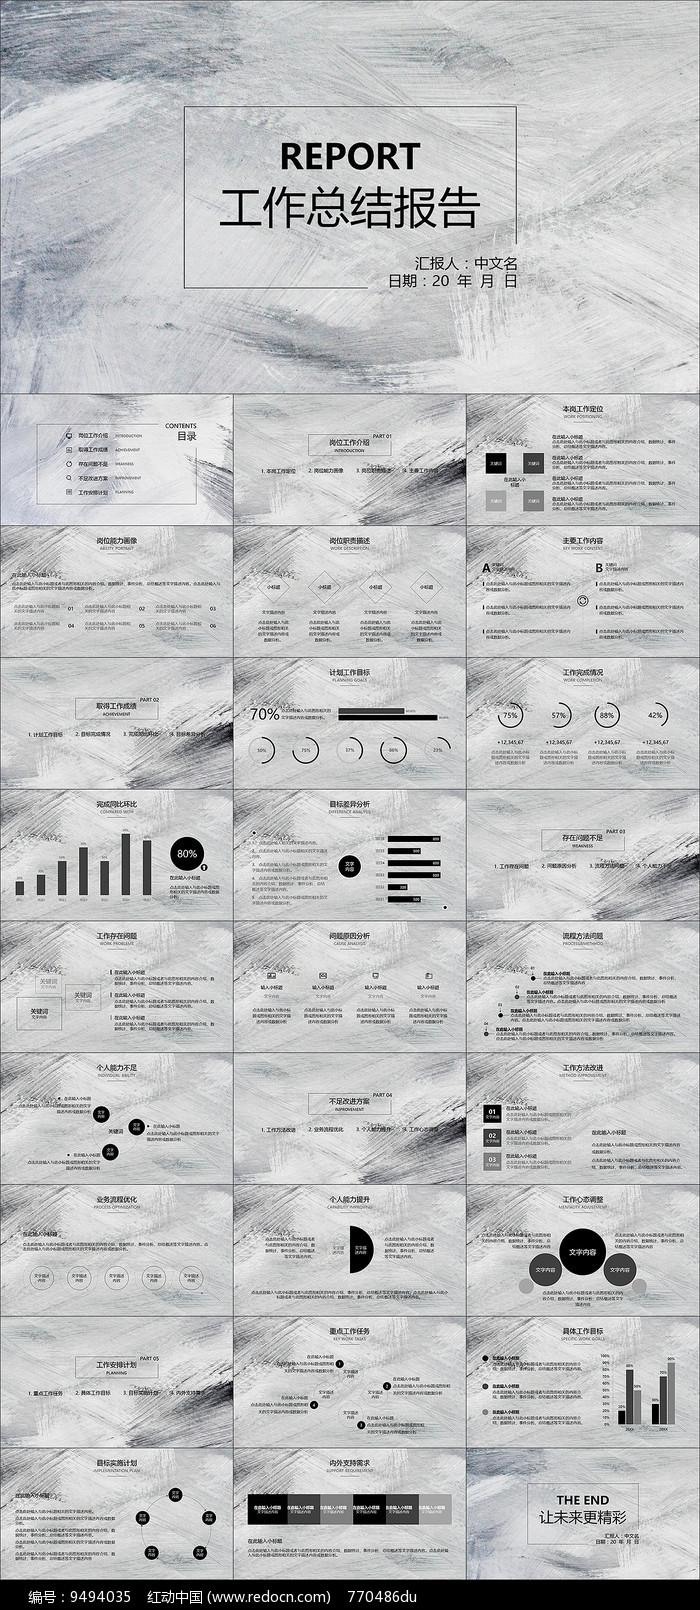 原创设计稿 ppt模板/ppt背景图片 团队职场ppt 黑白灰工作总结报告ppt图片